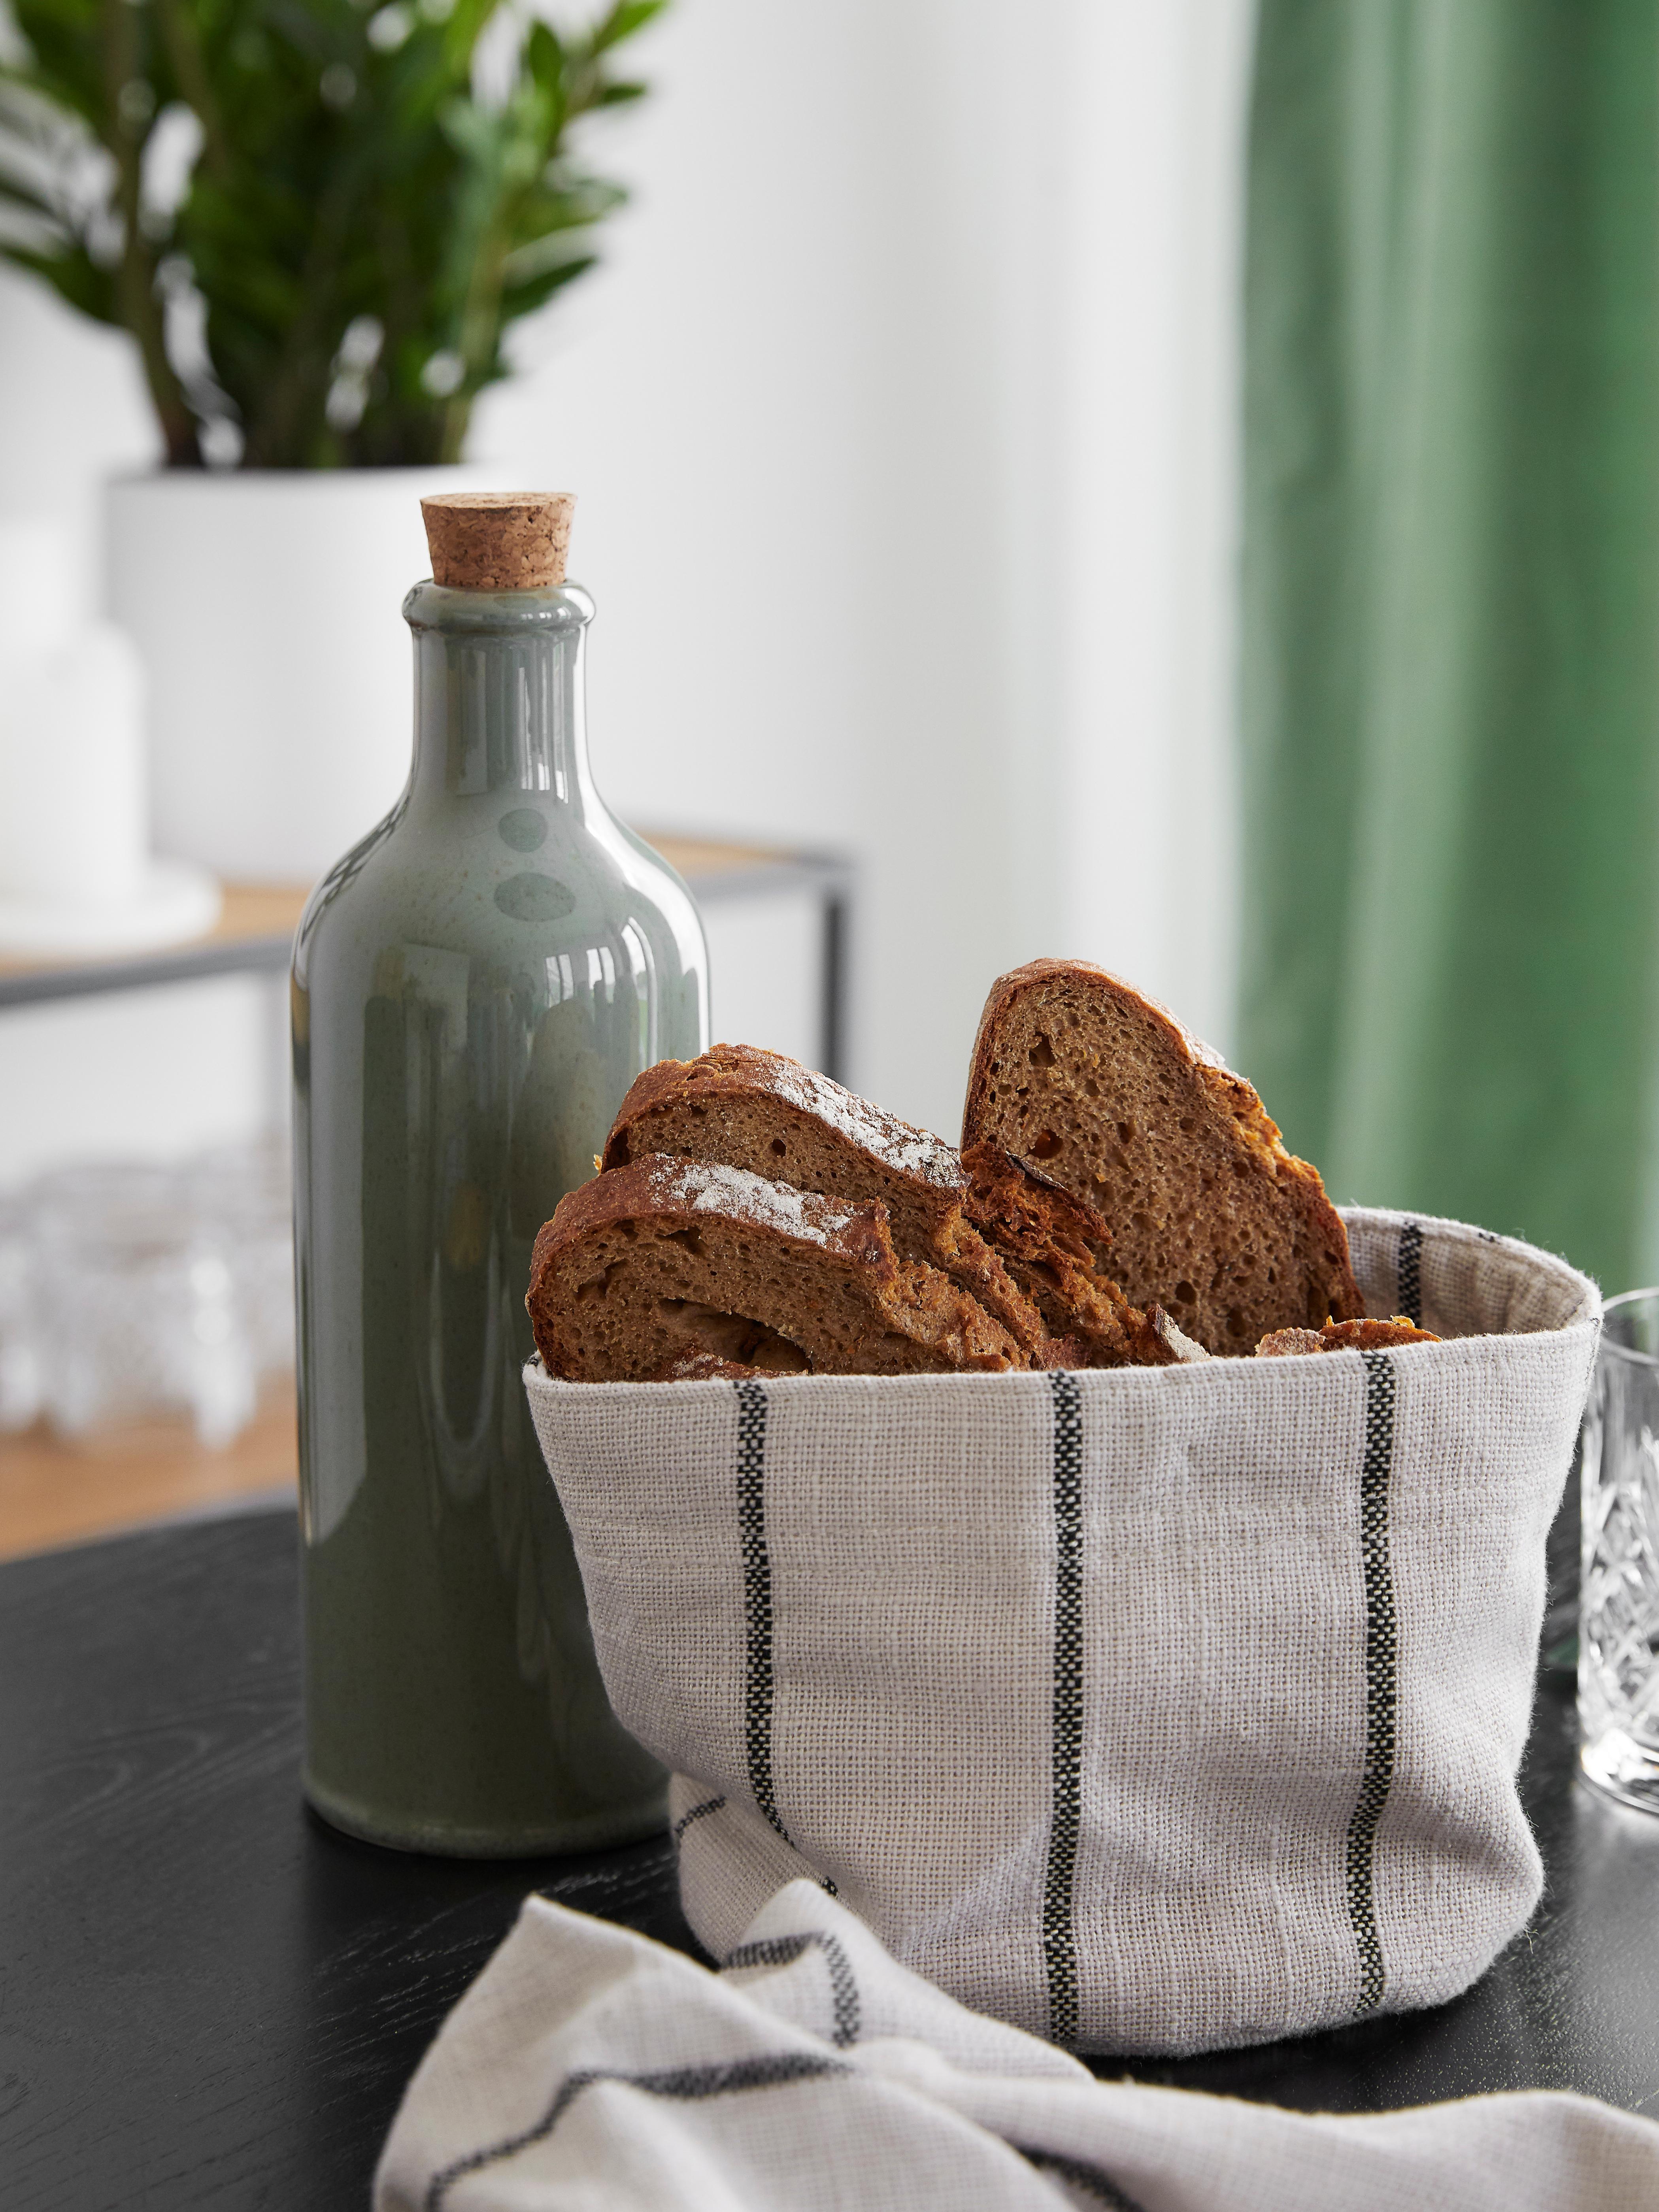 Handgemachte Essig- und Öl-Karaffe Pixie, luftdicht, Flasche: Steingut, Verschluss: Korken, Grüntöne, Ø 8 x H 25 cm